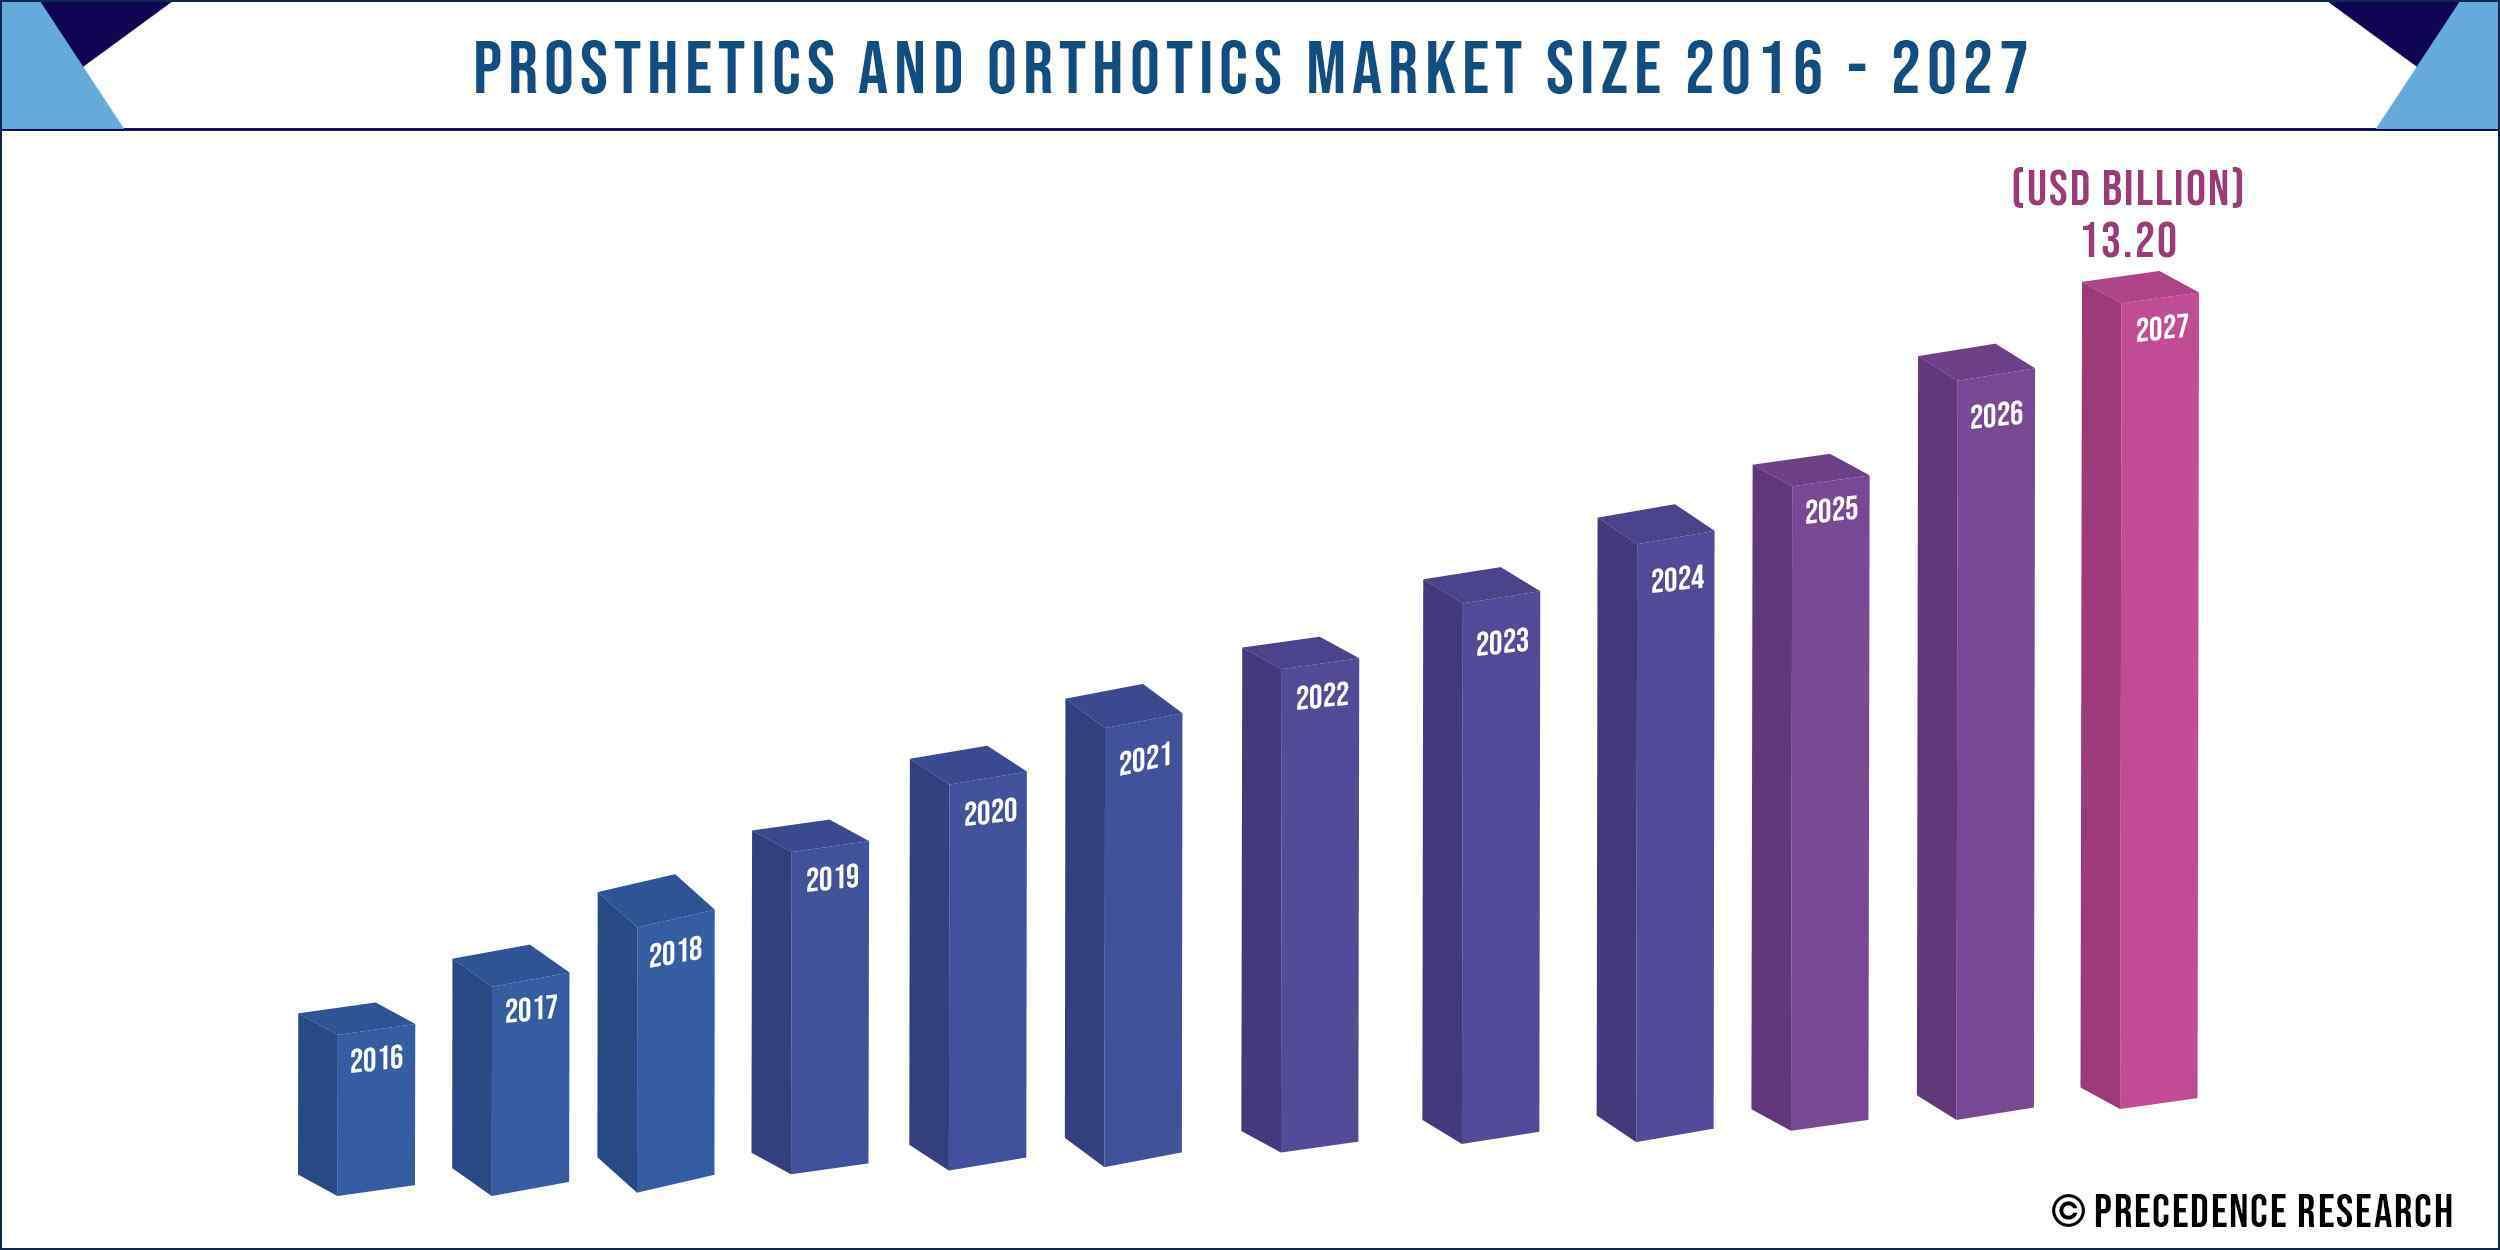 Prosthetics and Orthotics Market Size 2016 to 2027